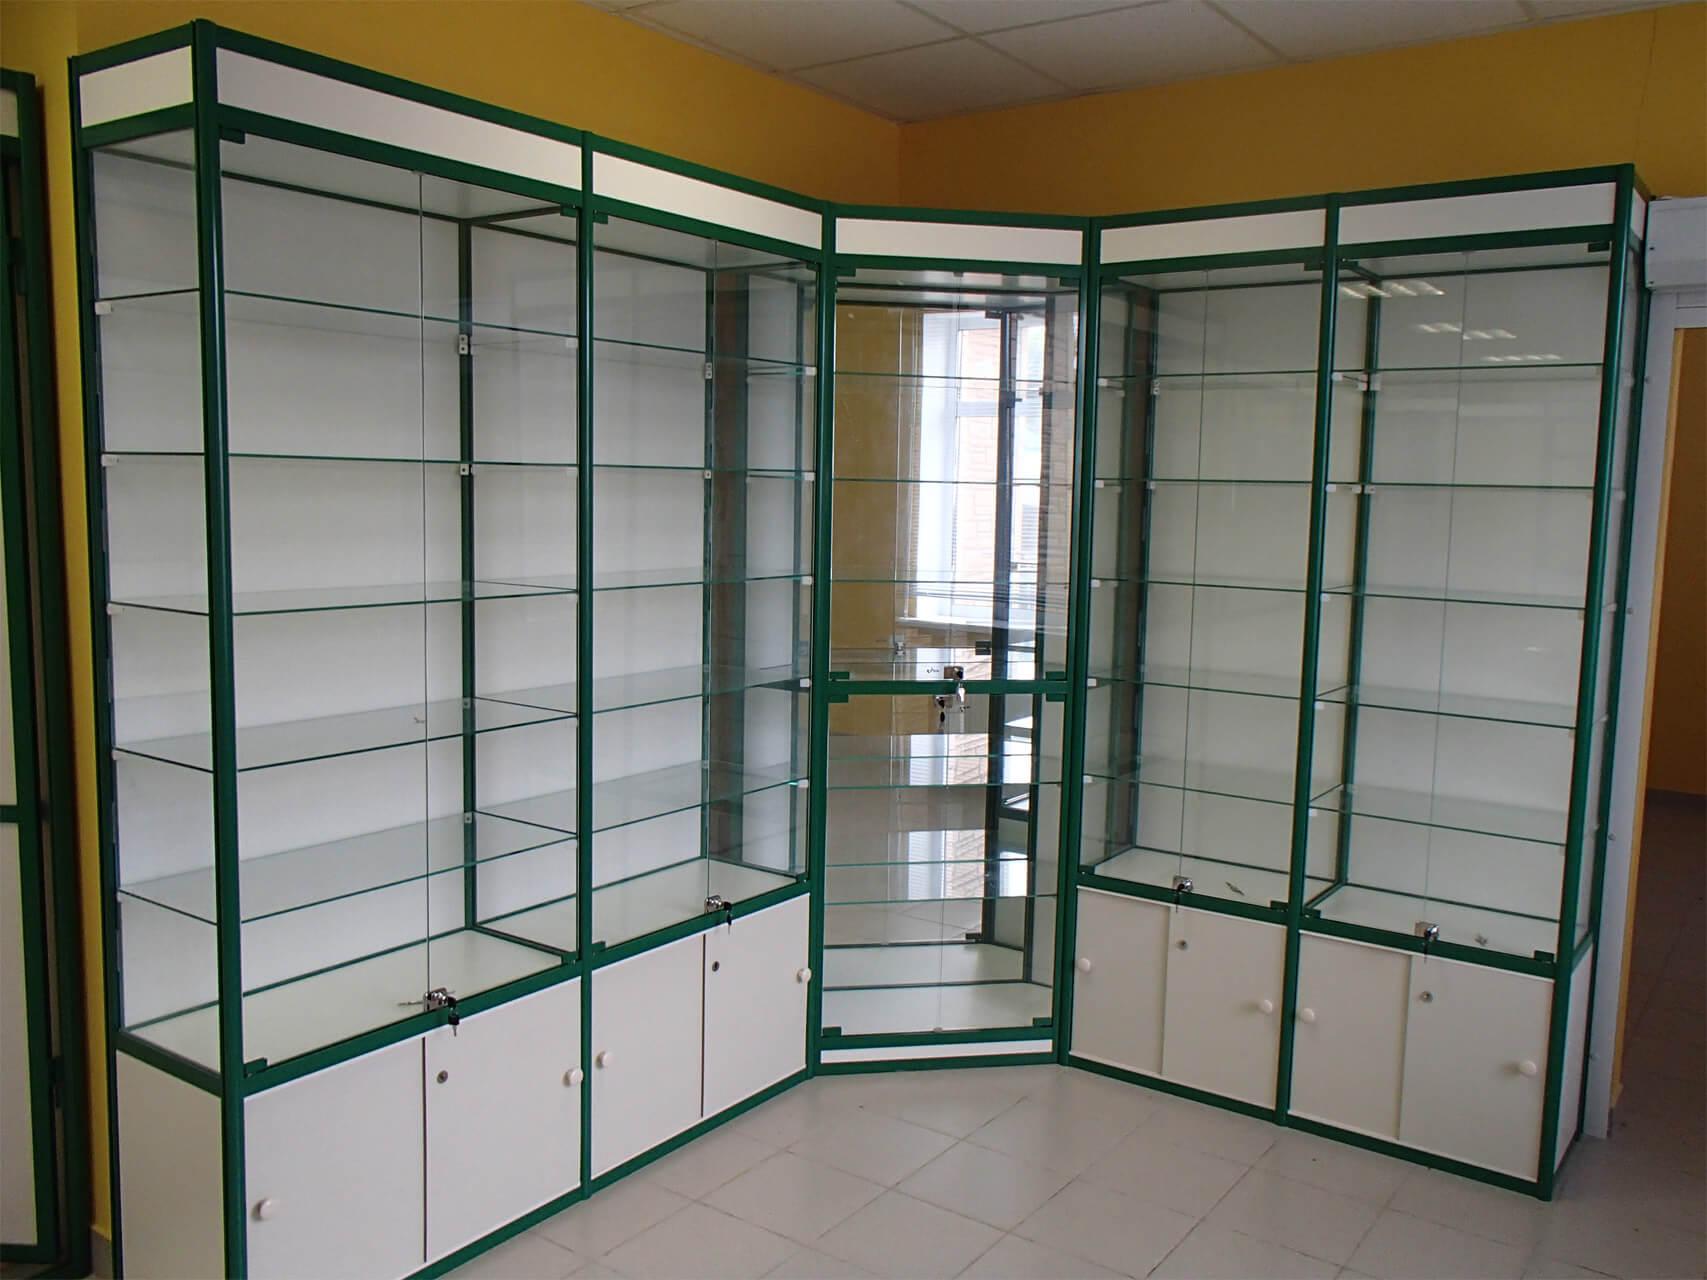 Шкафы-витрины для магазинов Desalum